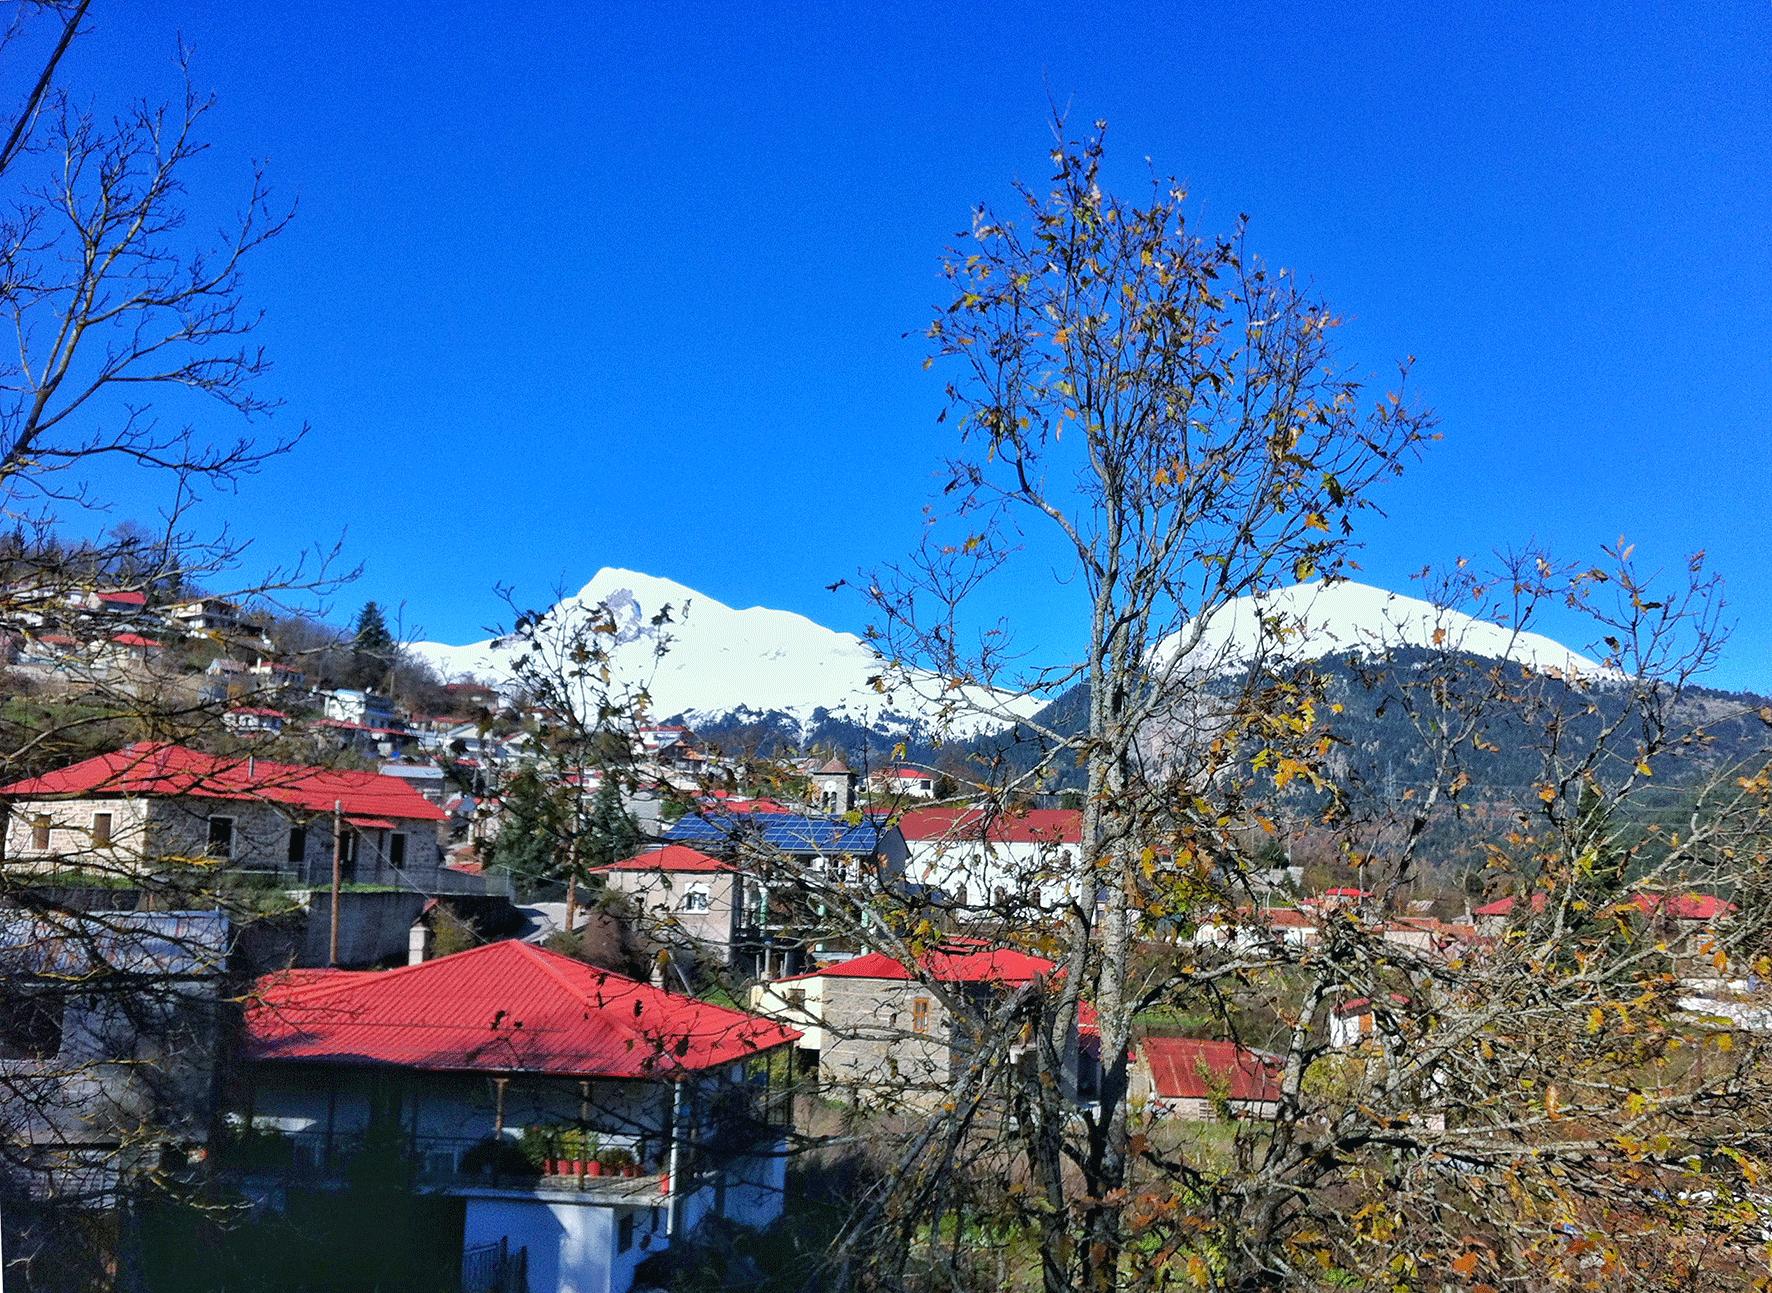 Ένα ορεινό χωριό ανάμεσα στις άγριες καστανιές, στα έλατα και στους θρύλους για τις νεράιδες.